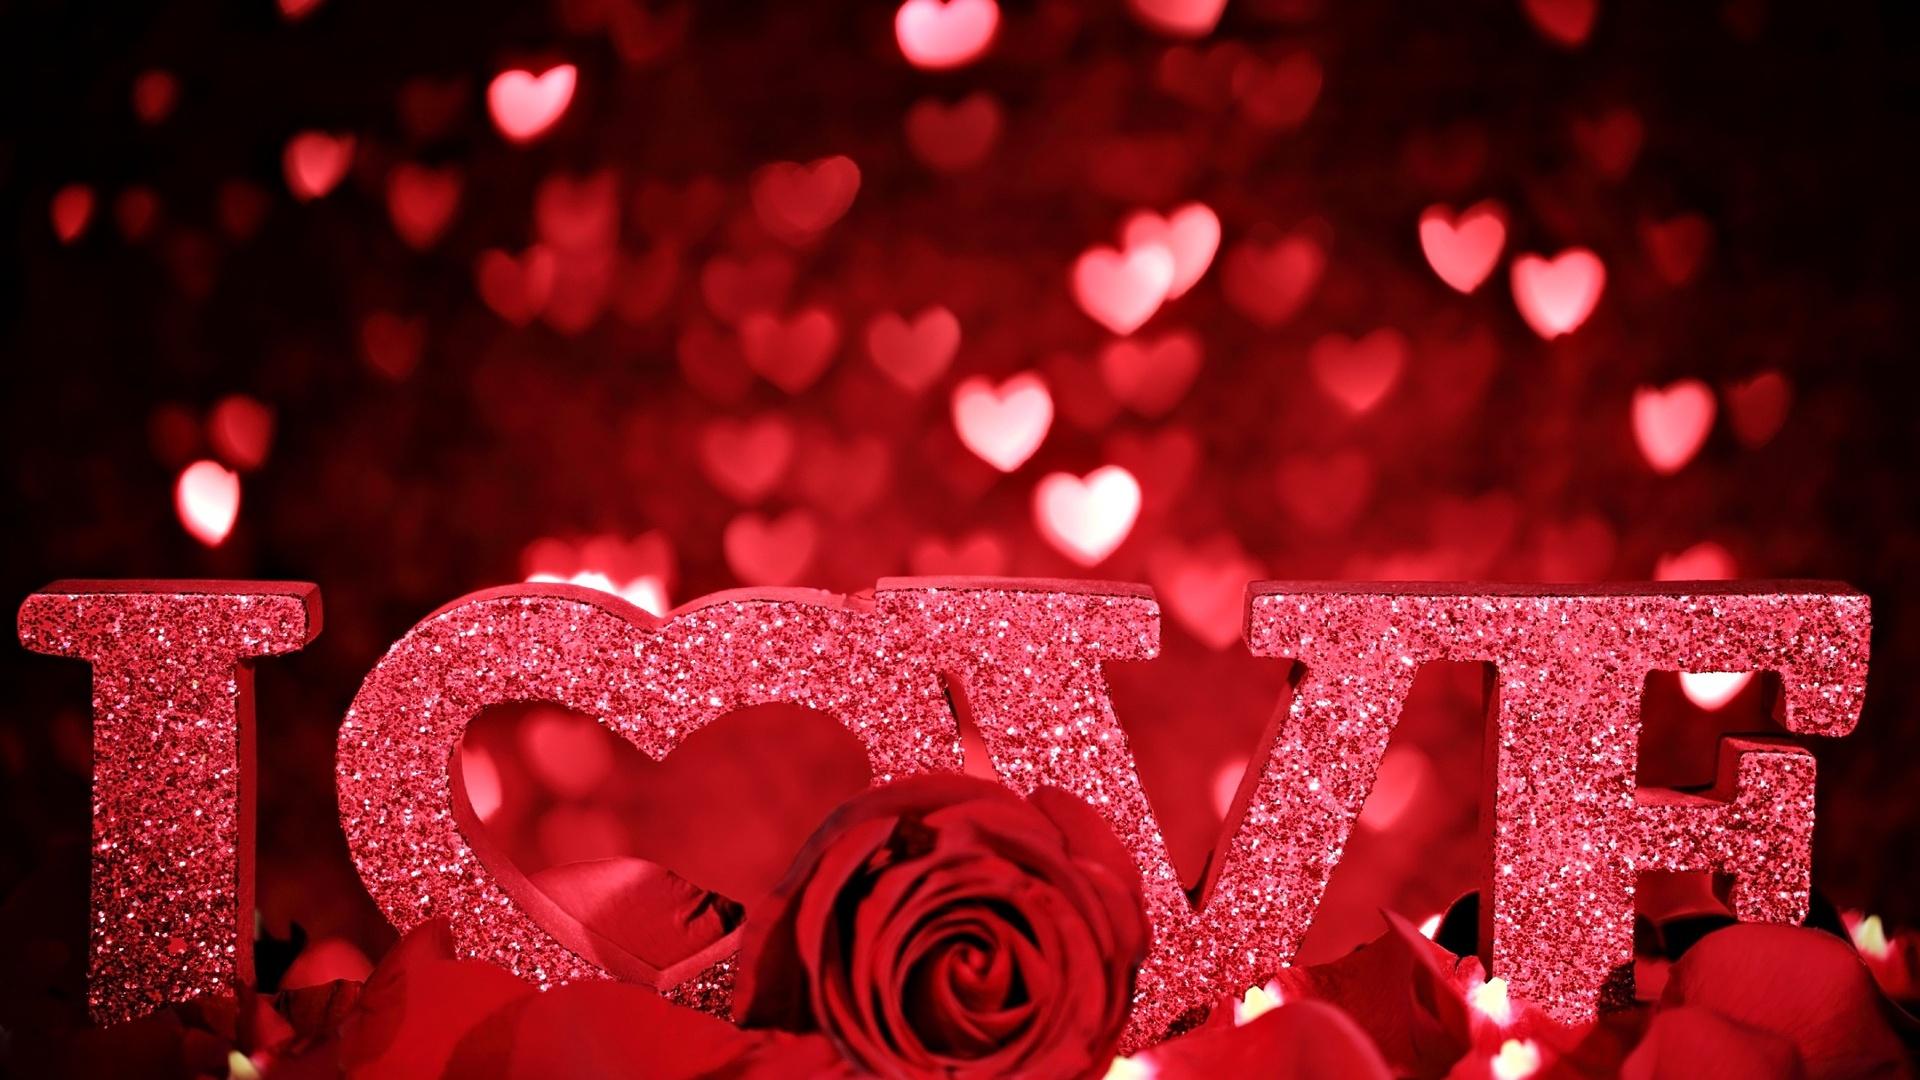 Hình ảnh tình yêu ngày Valentine đẹp